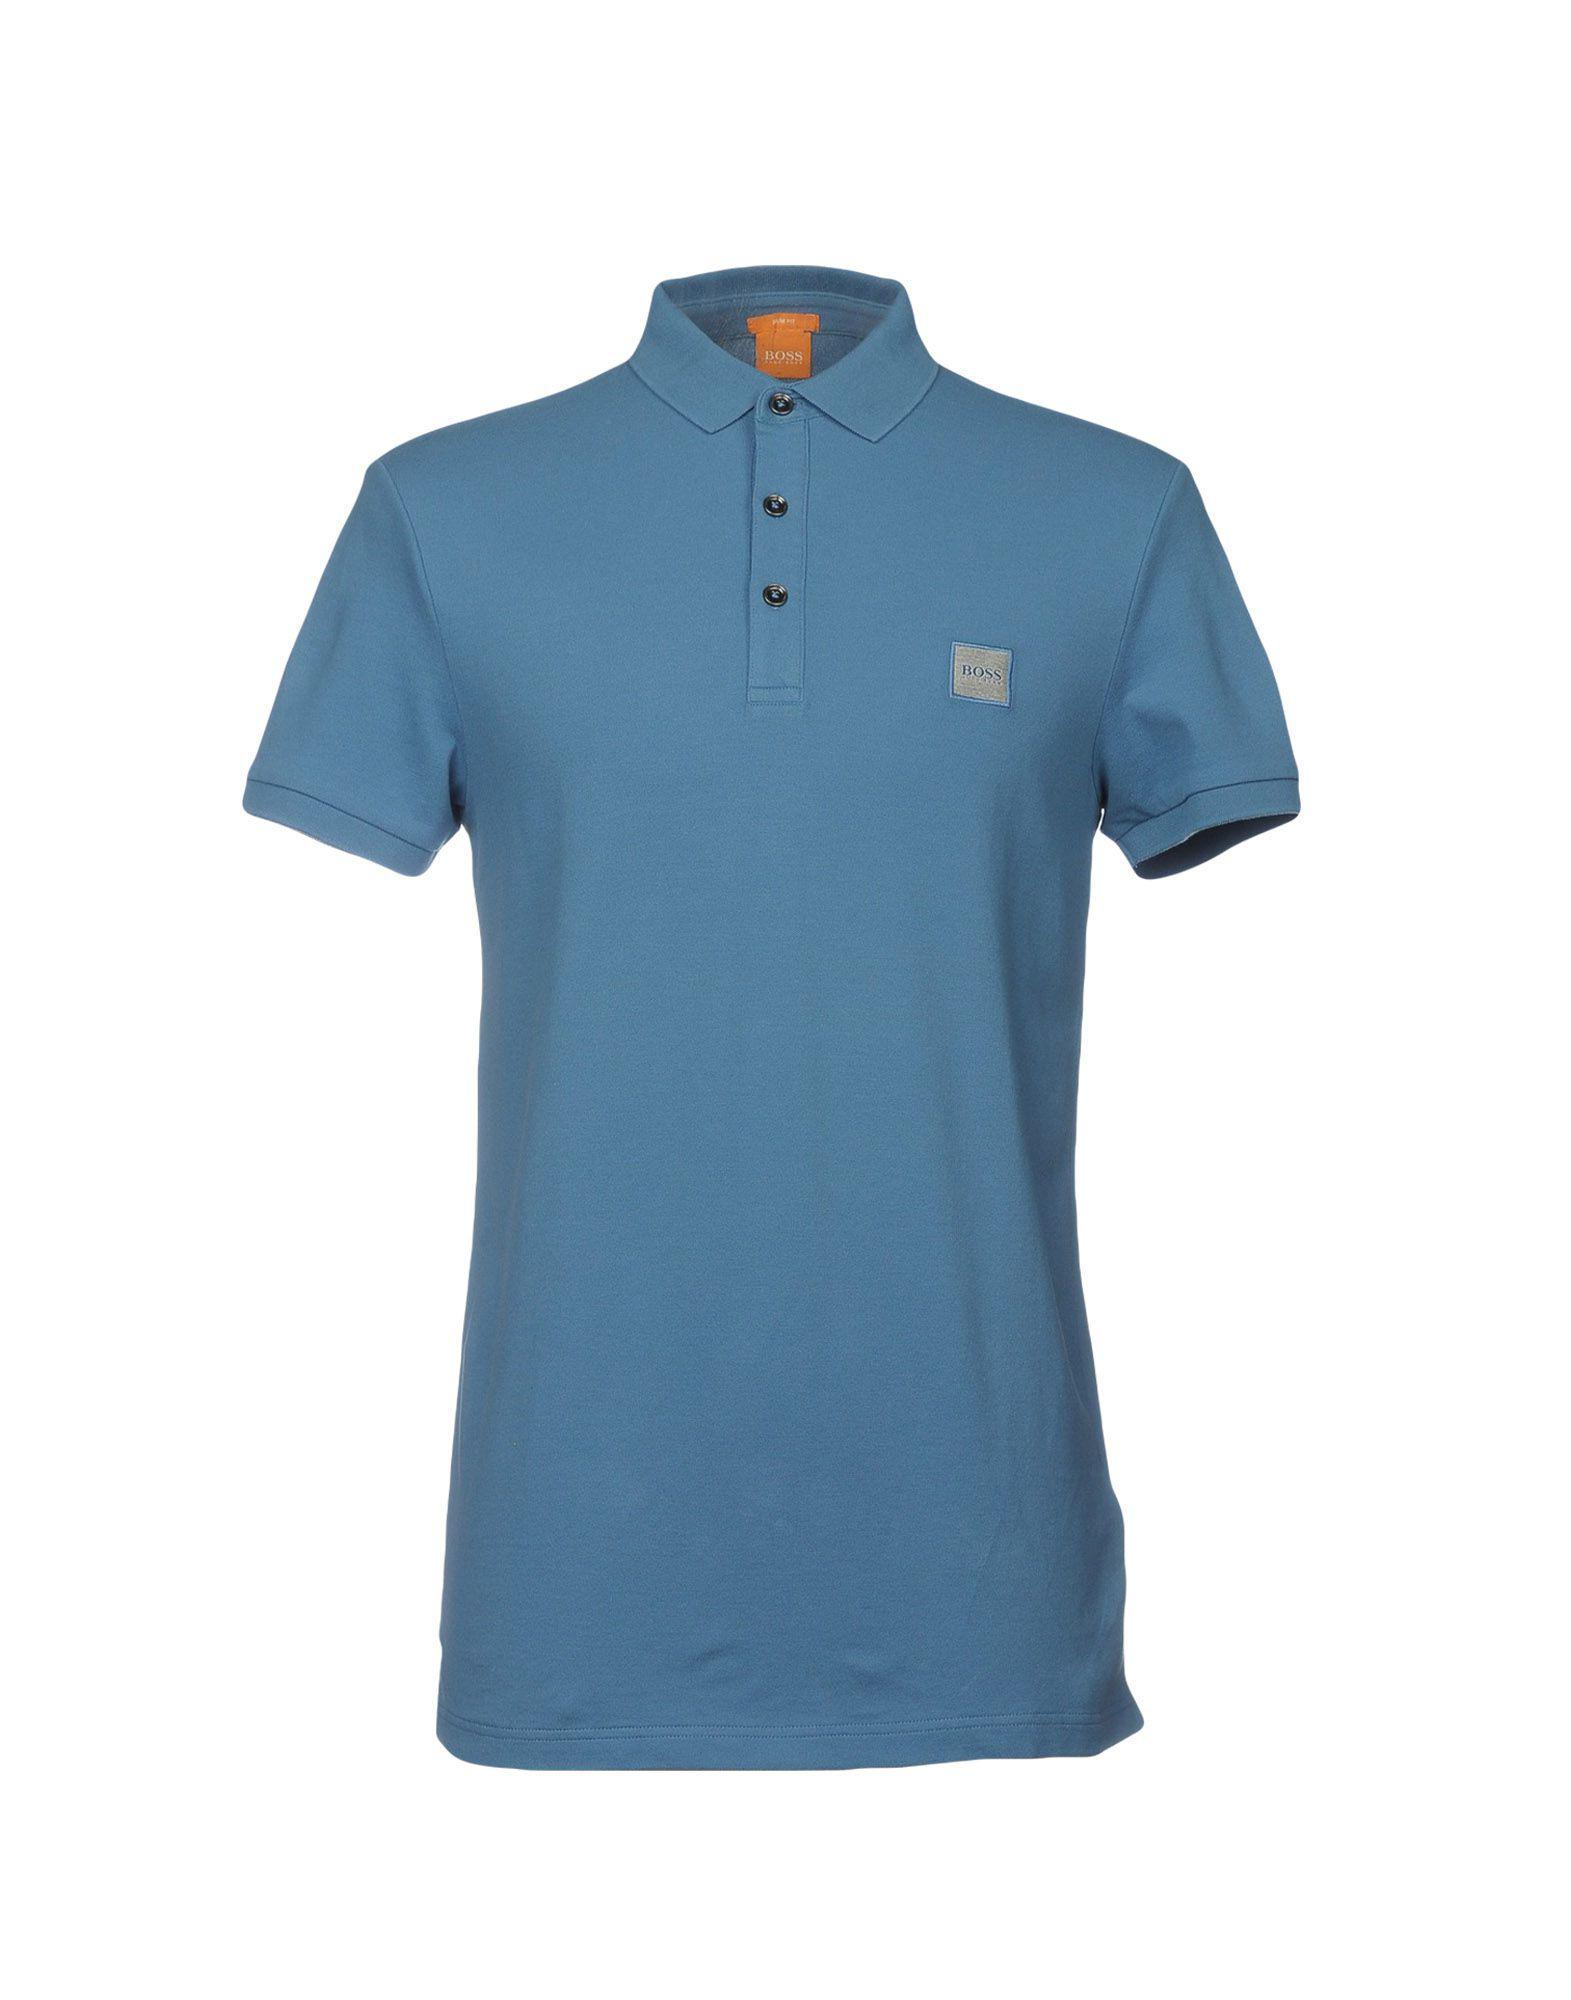 939a81d13 Blue Orange Polo Shirt - Cotswold Hire